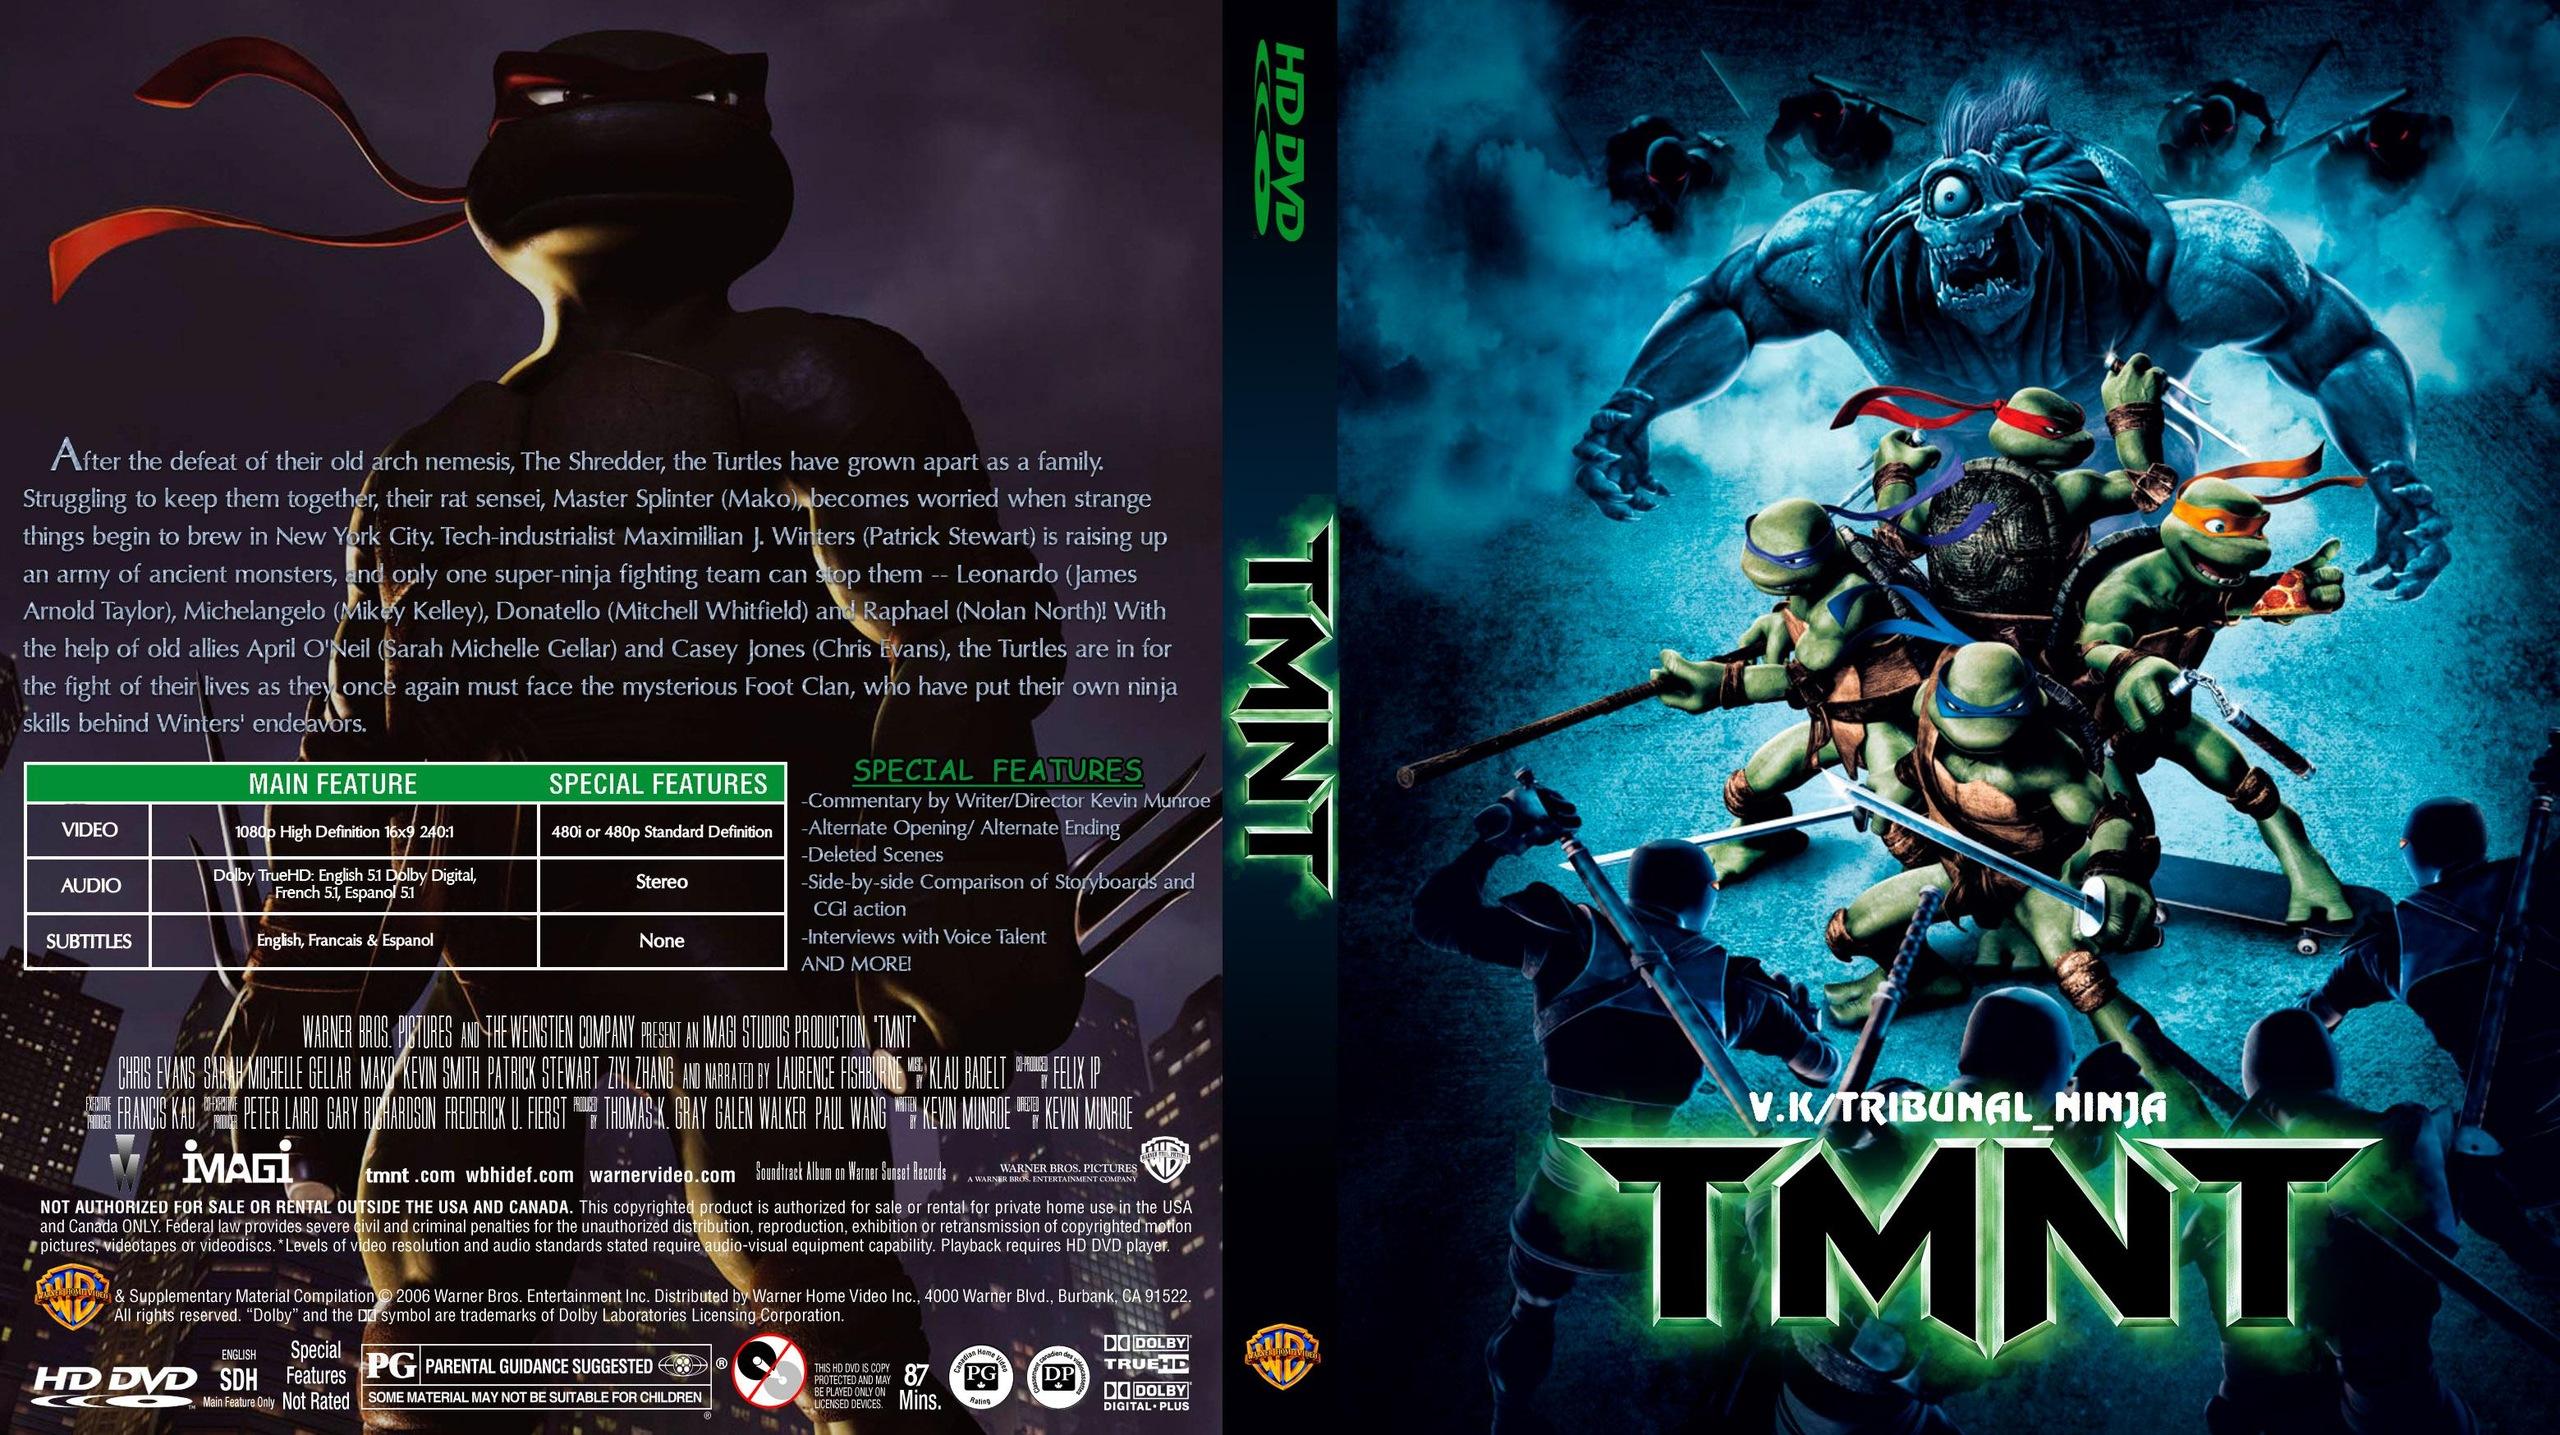 Tmnt Teenage Mutant Ninja Turtles Psp Download